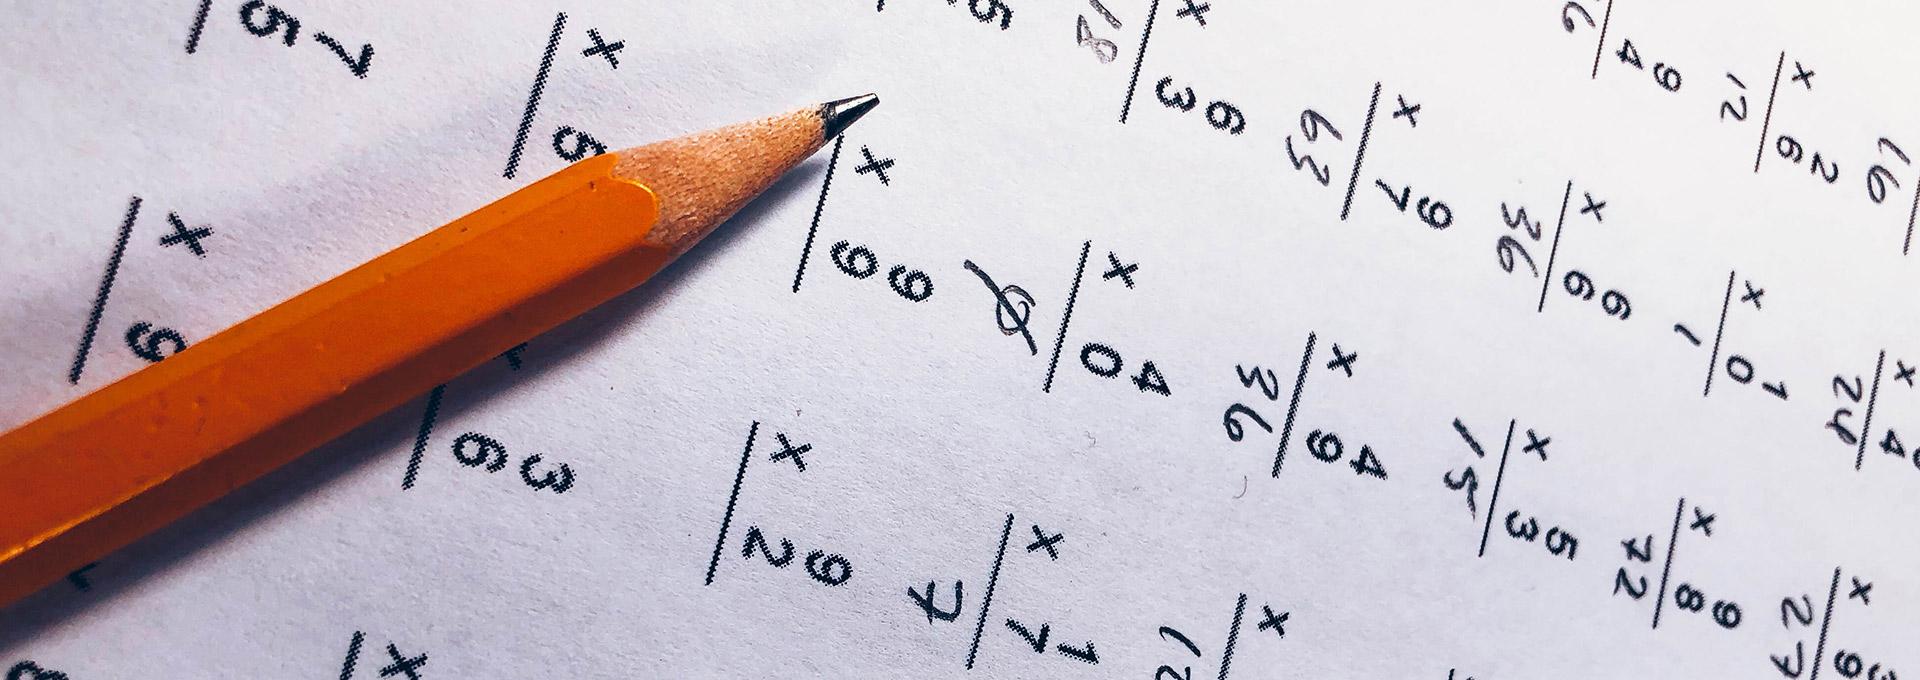 Final-Exam-Schedule